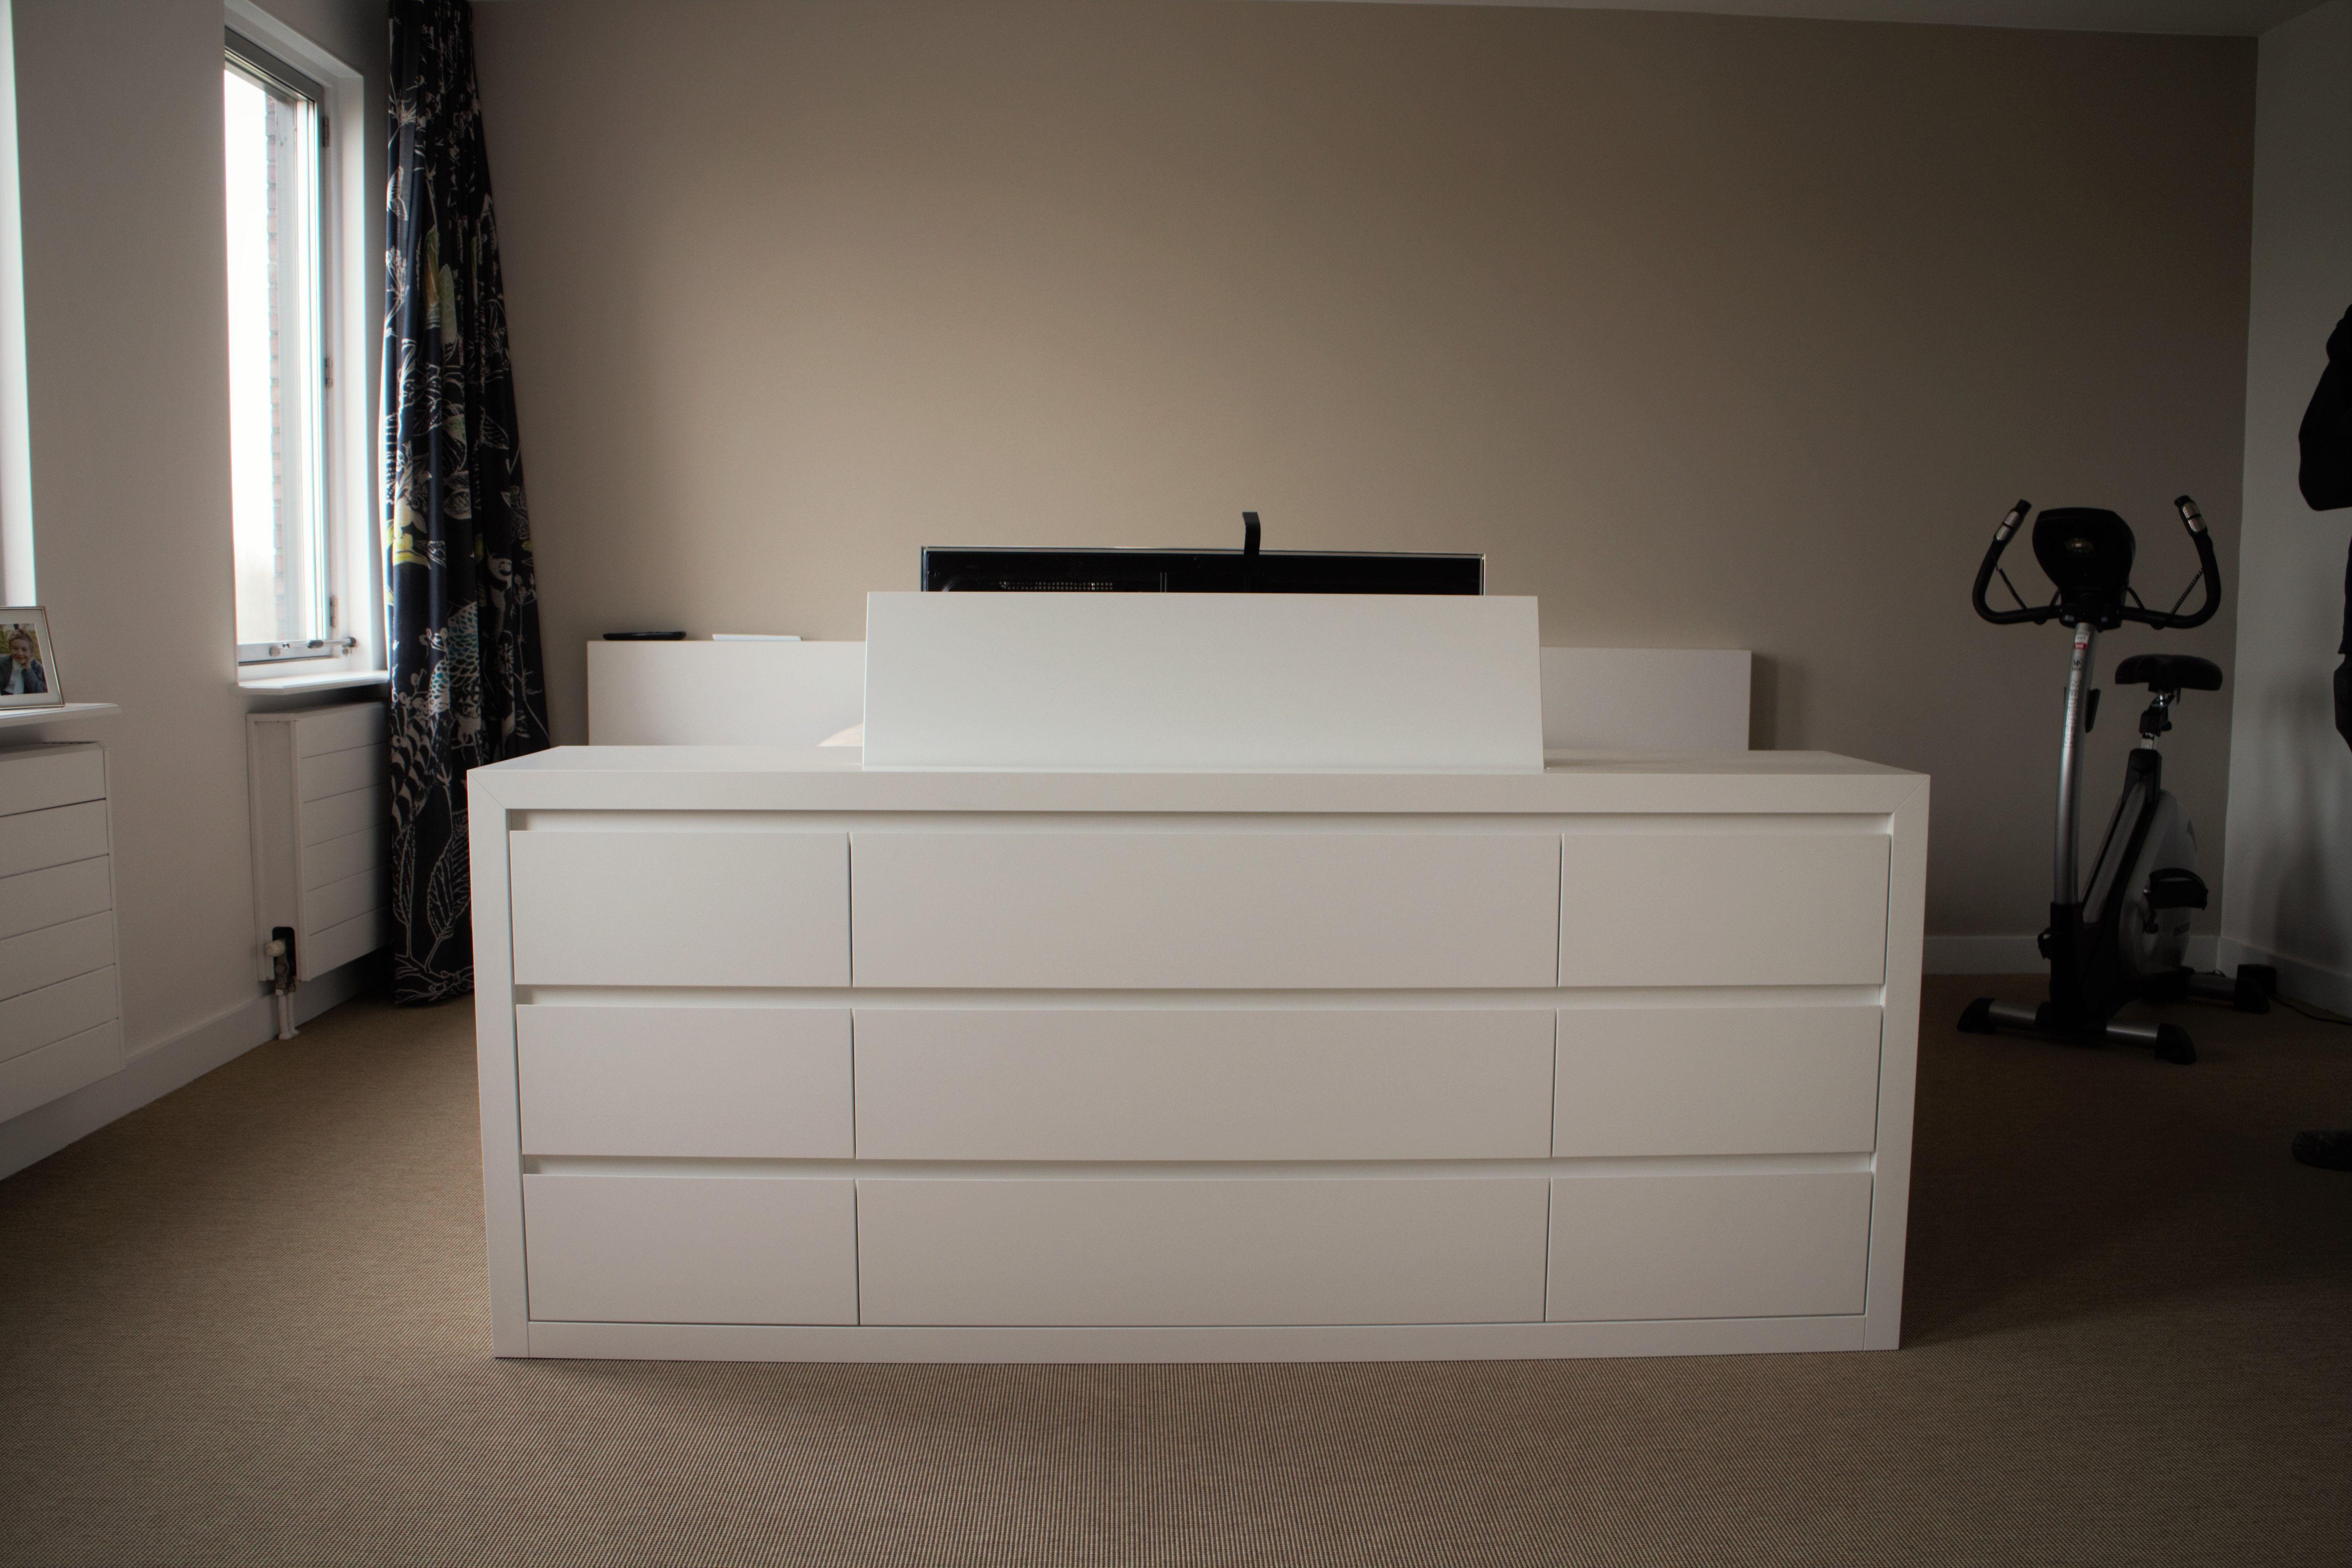 Best Tv Lift Meubel Aan Voeteneinde Bed Interieur Pinterest 640 x 480